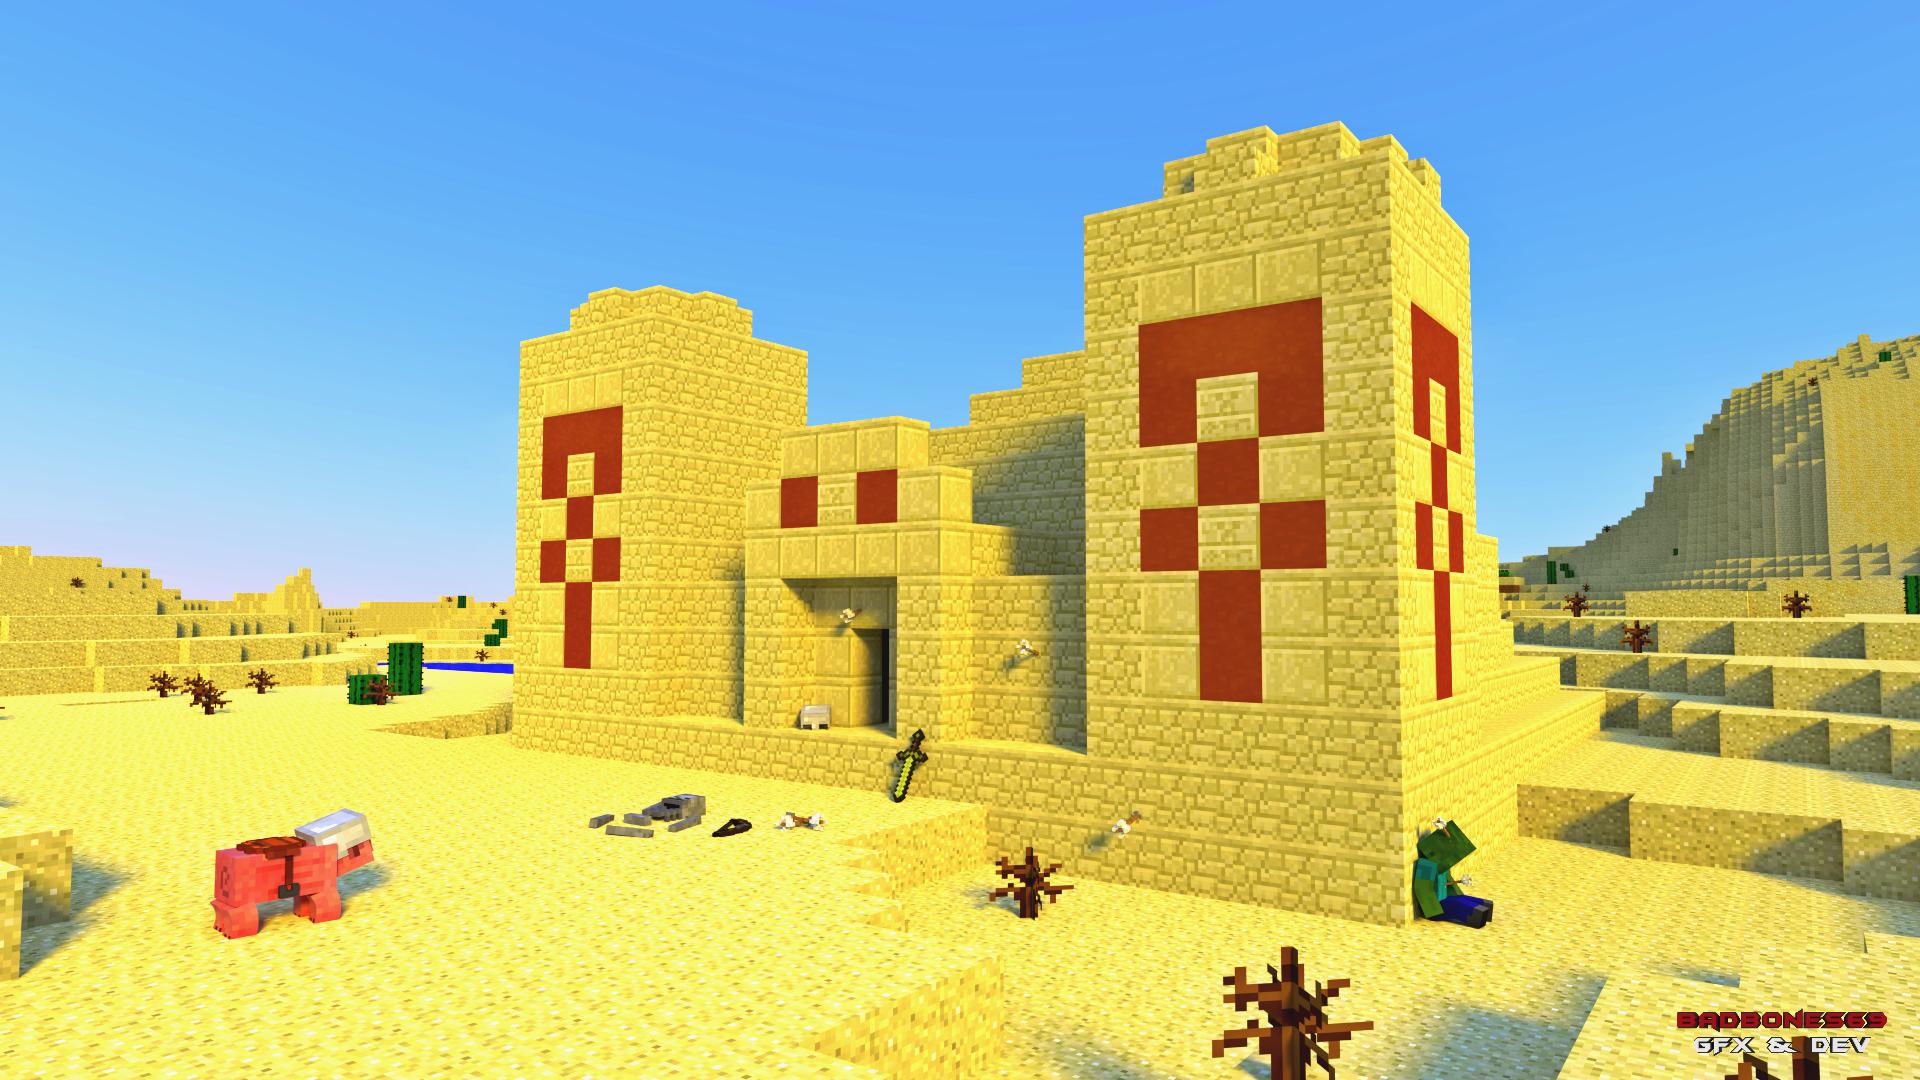 imágenes de minecraft para descargar